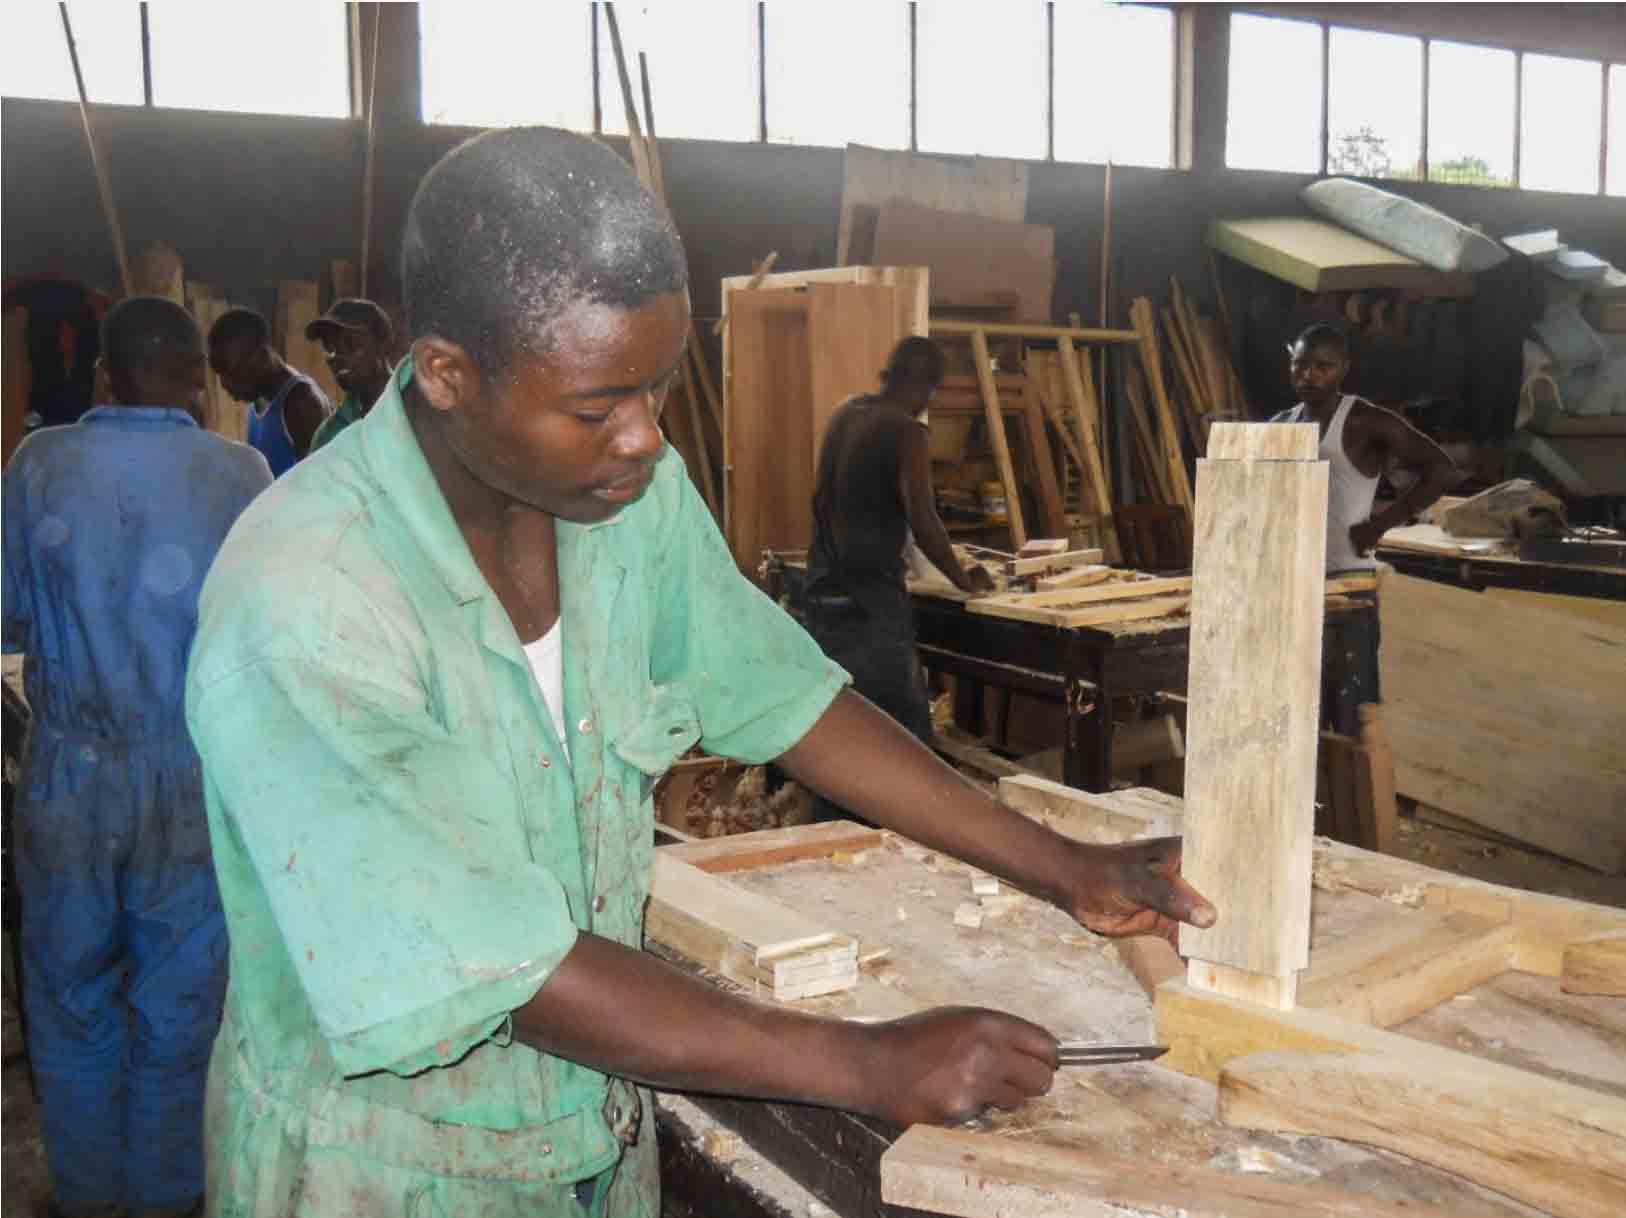 Schreinerausbildung in Ruanda